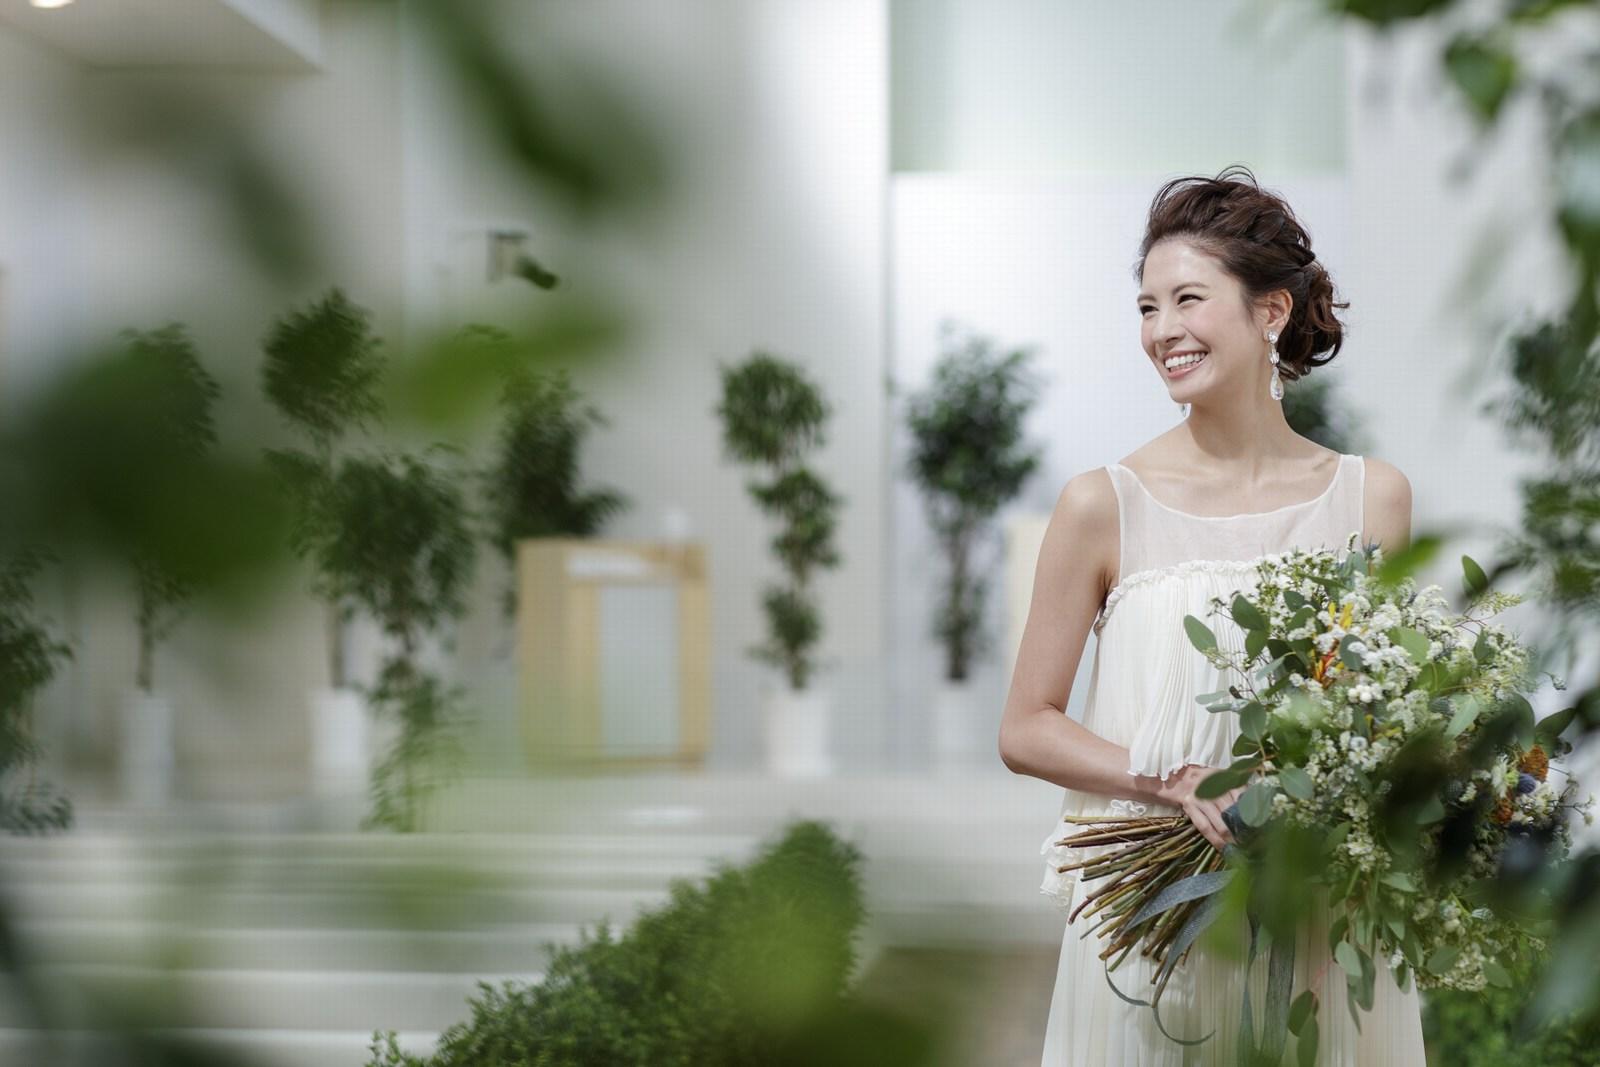 徳島県の結婚式場ブランアンジュの挙式会場